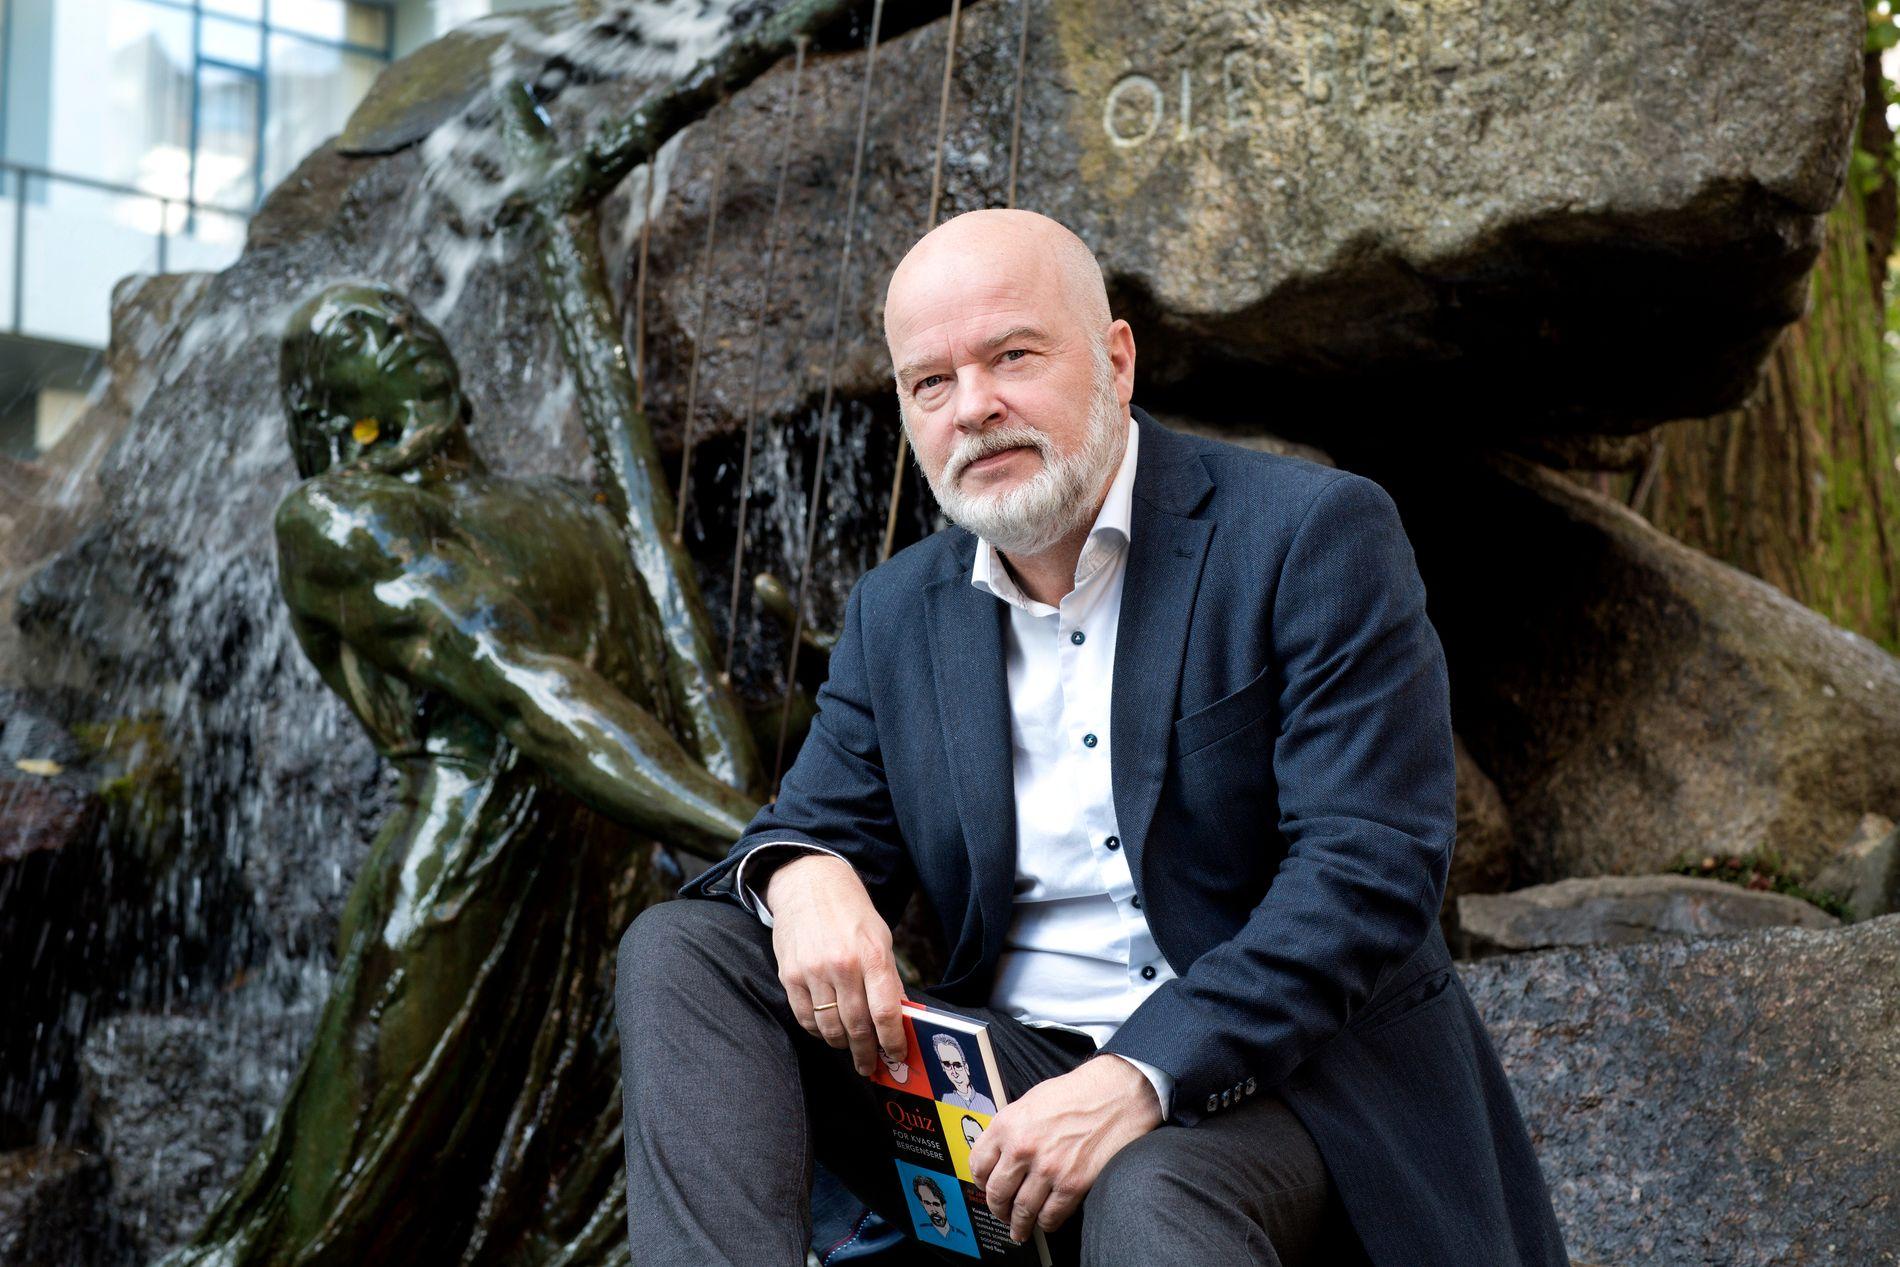 QUIZKUNSTNER: Jan Arild Breistein blir beskrevet som en ekstremt kunnskapsrik, fri og leken mann.